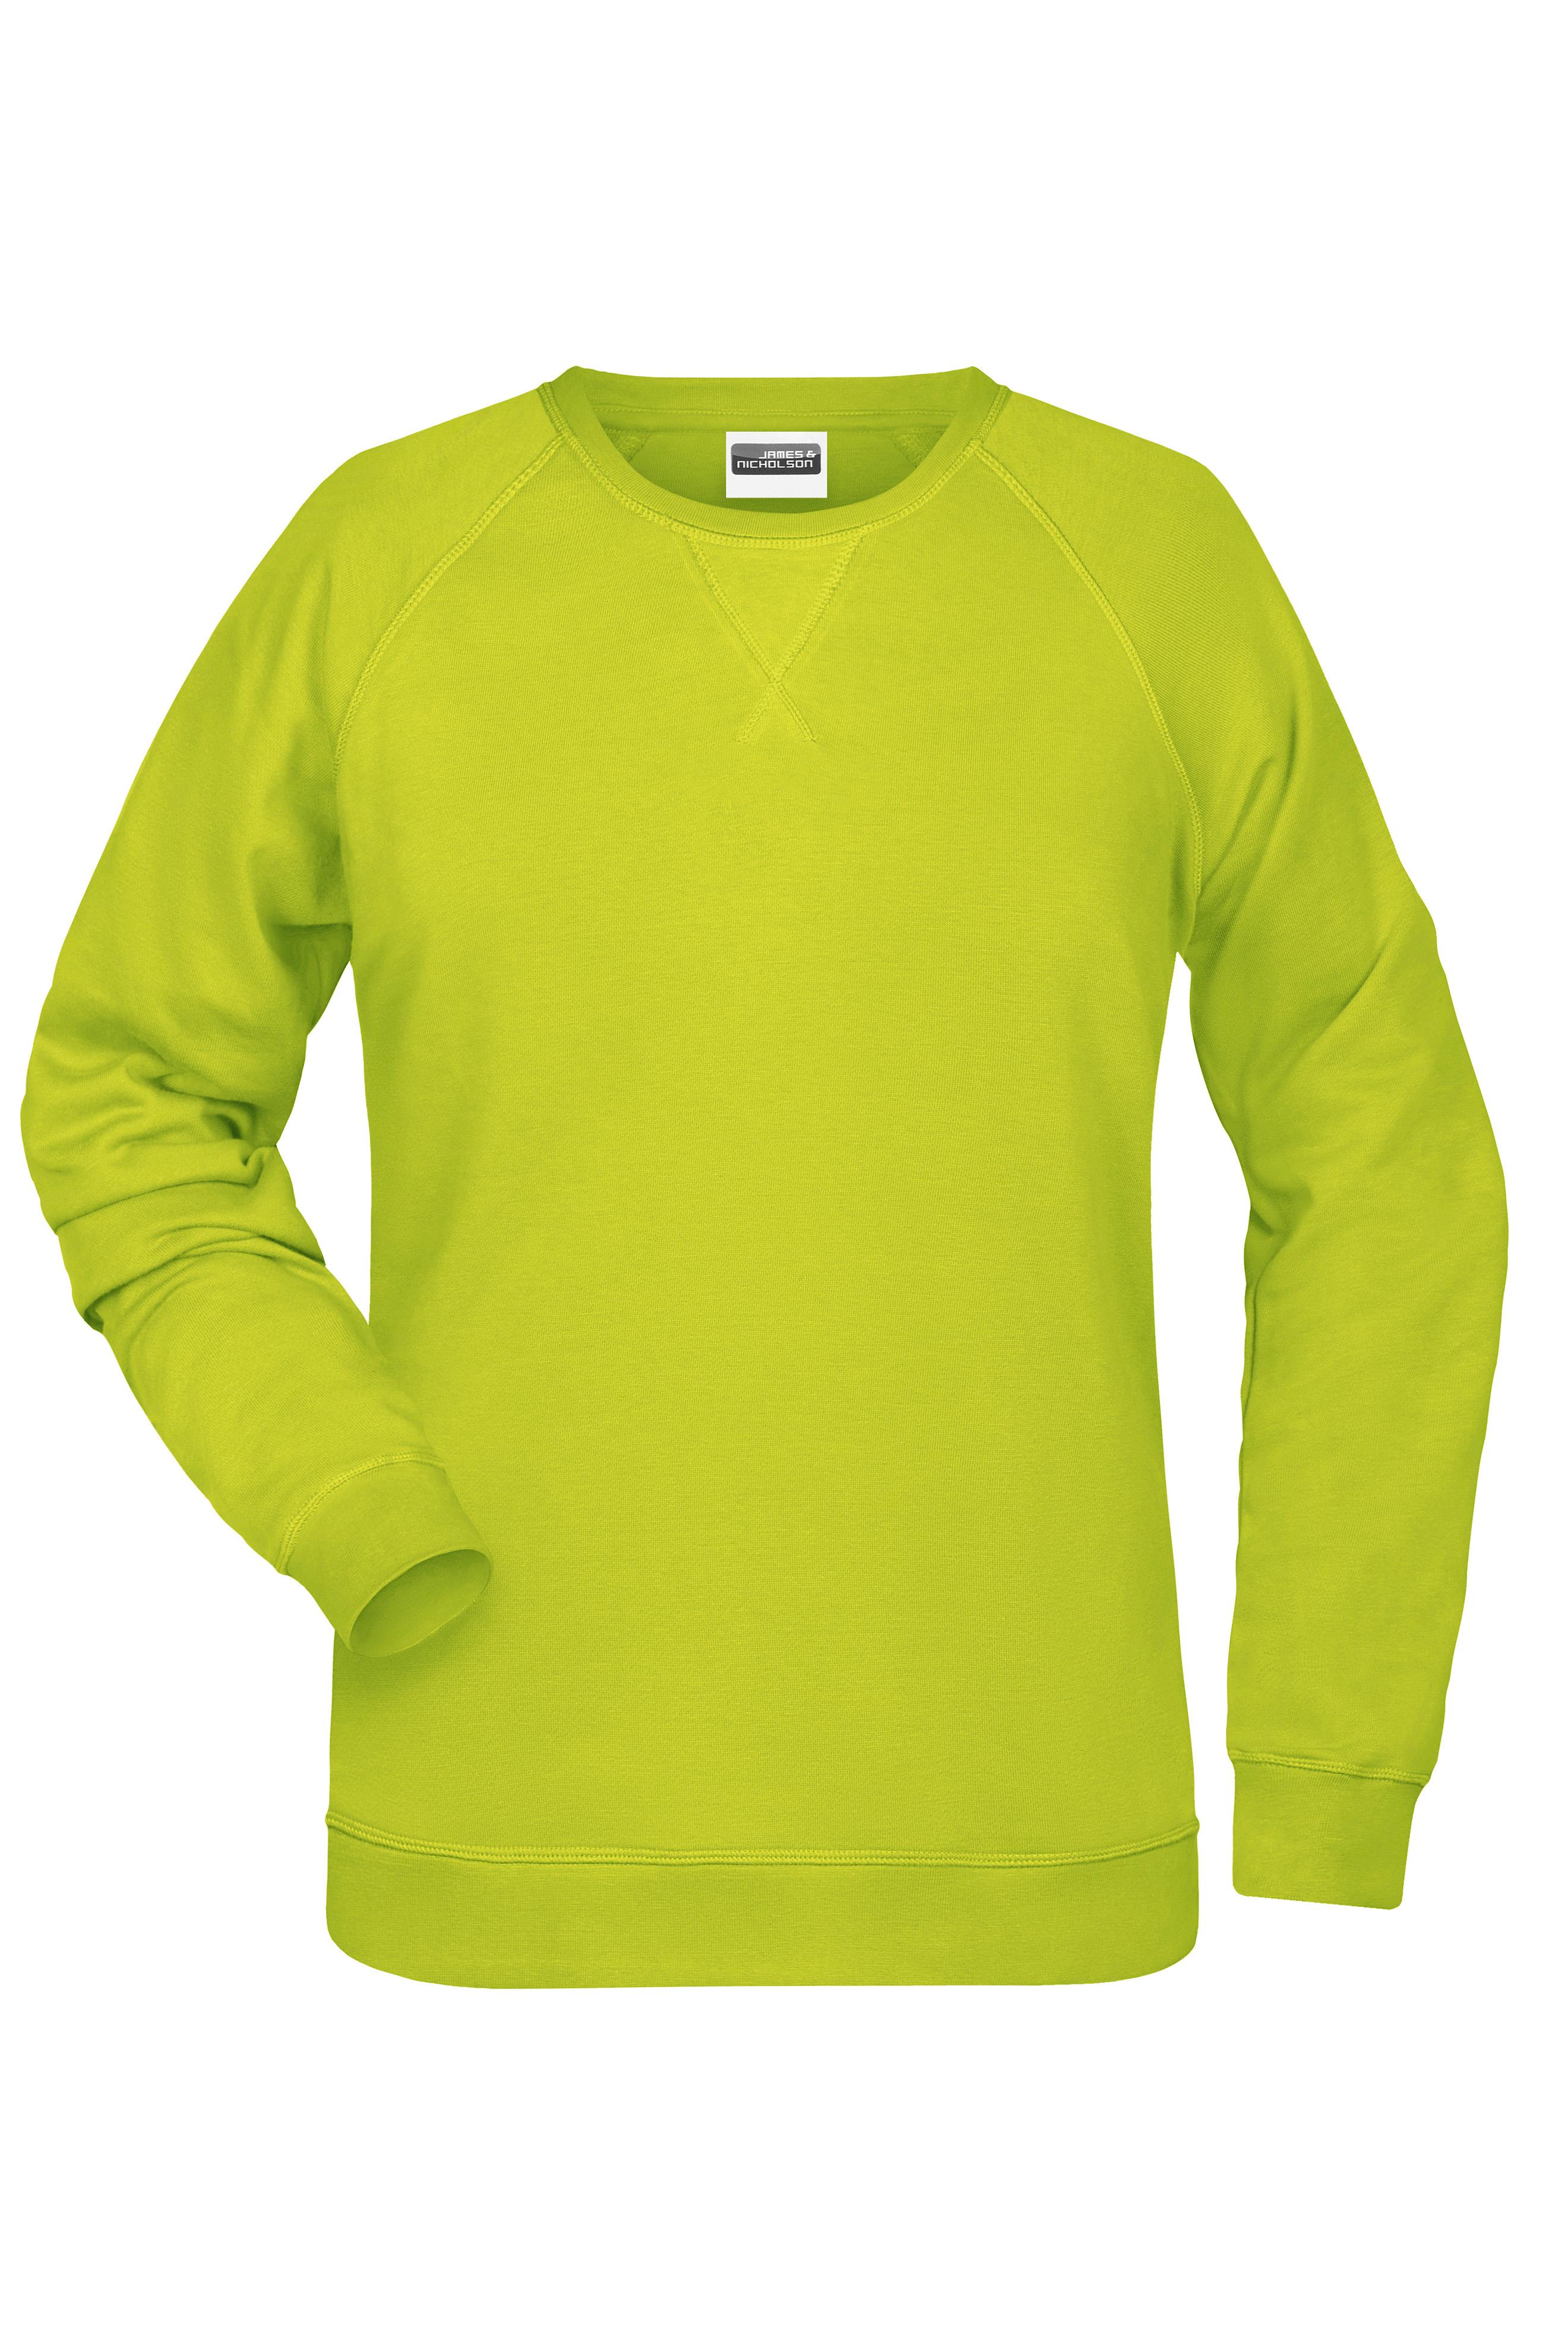 Klassisches Sweatshirt mit Raglanärmeln